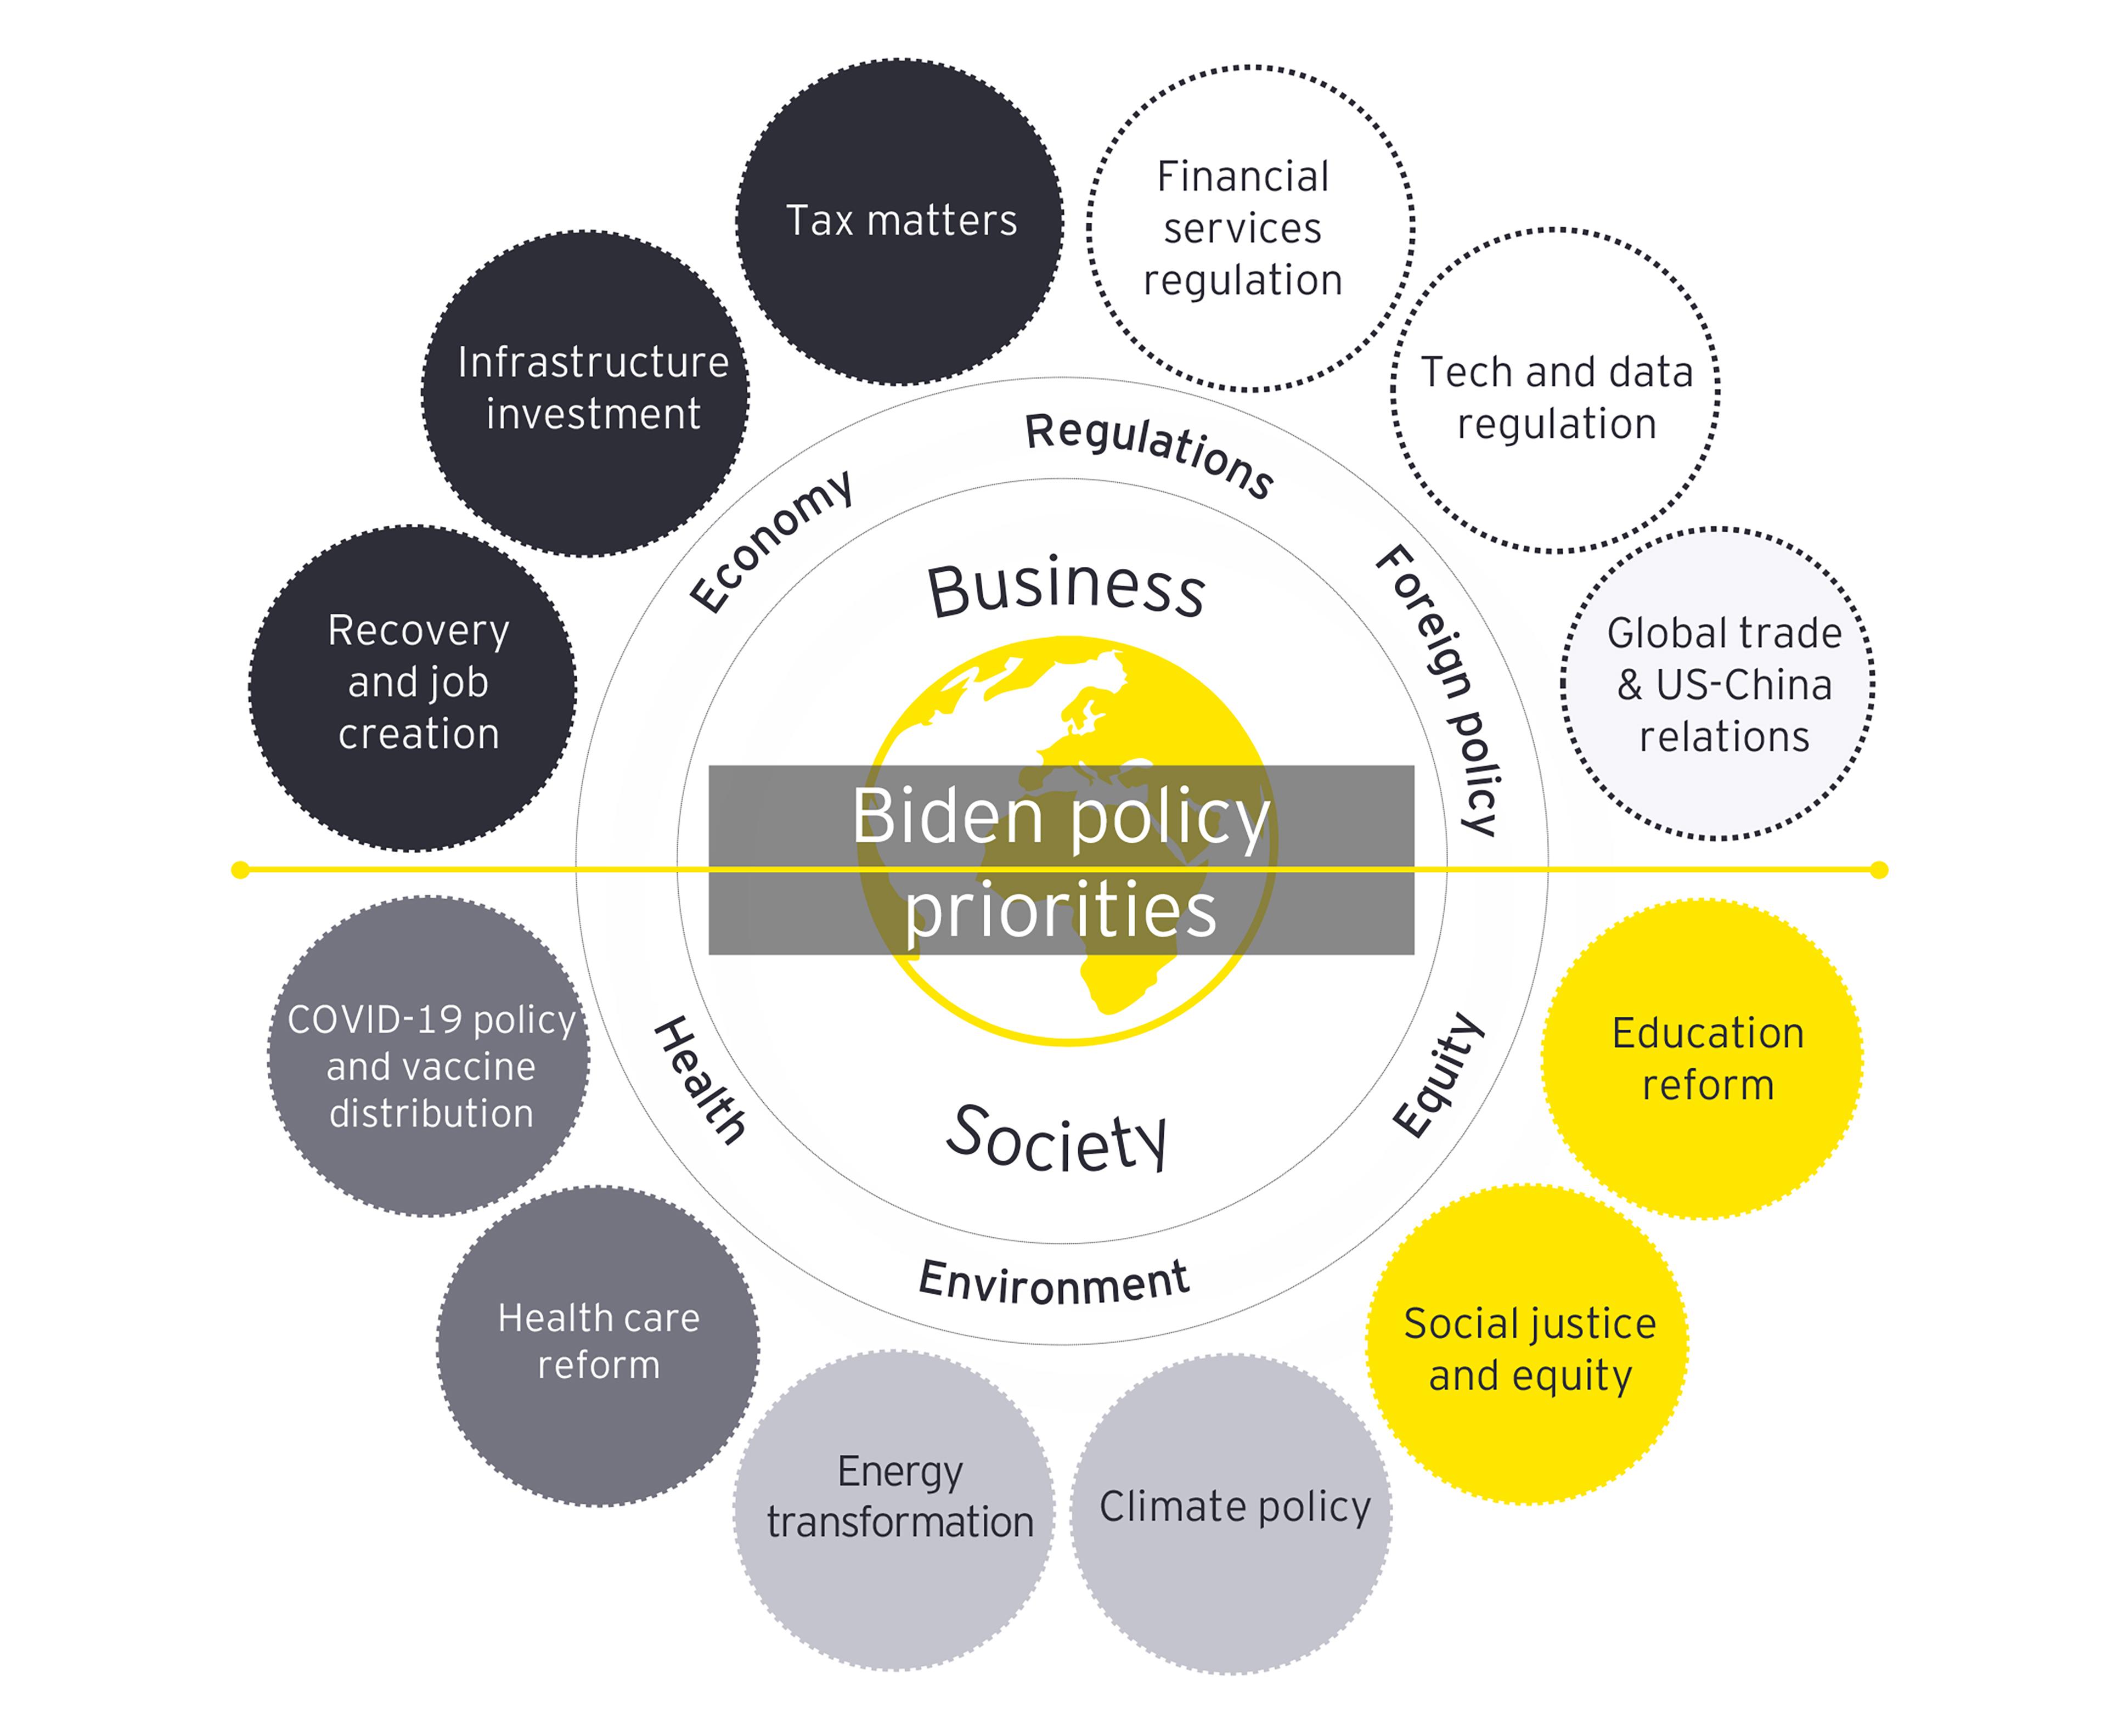 biden policy priorities